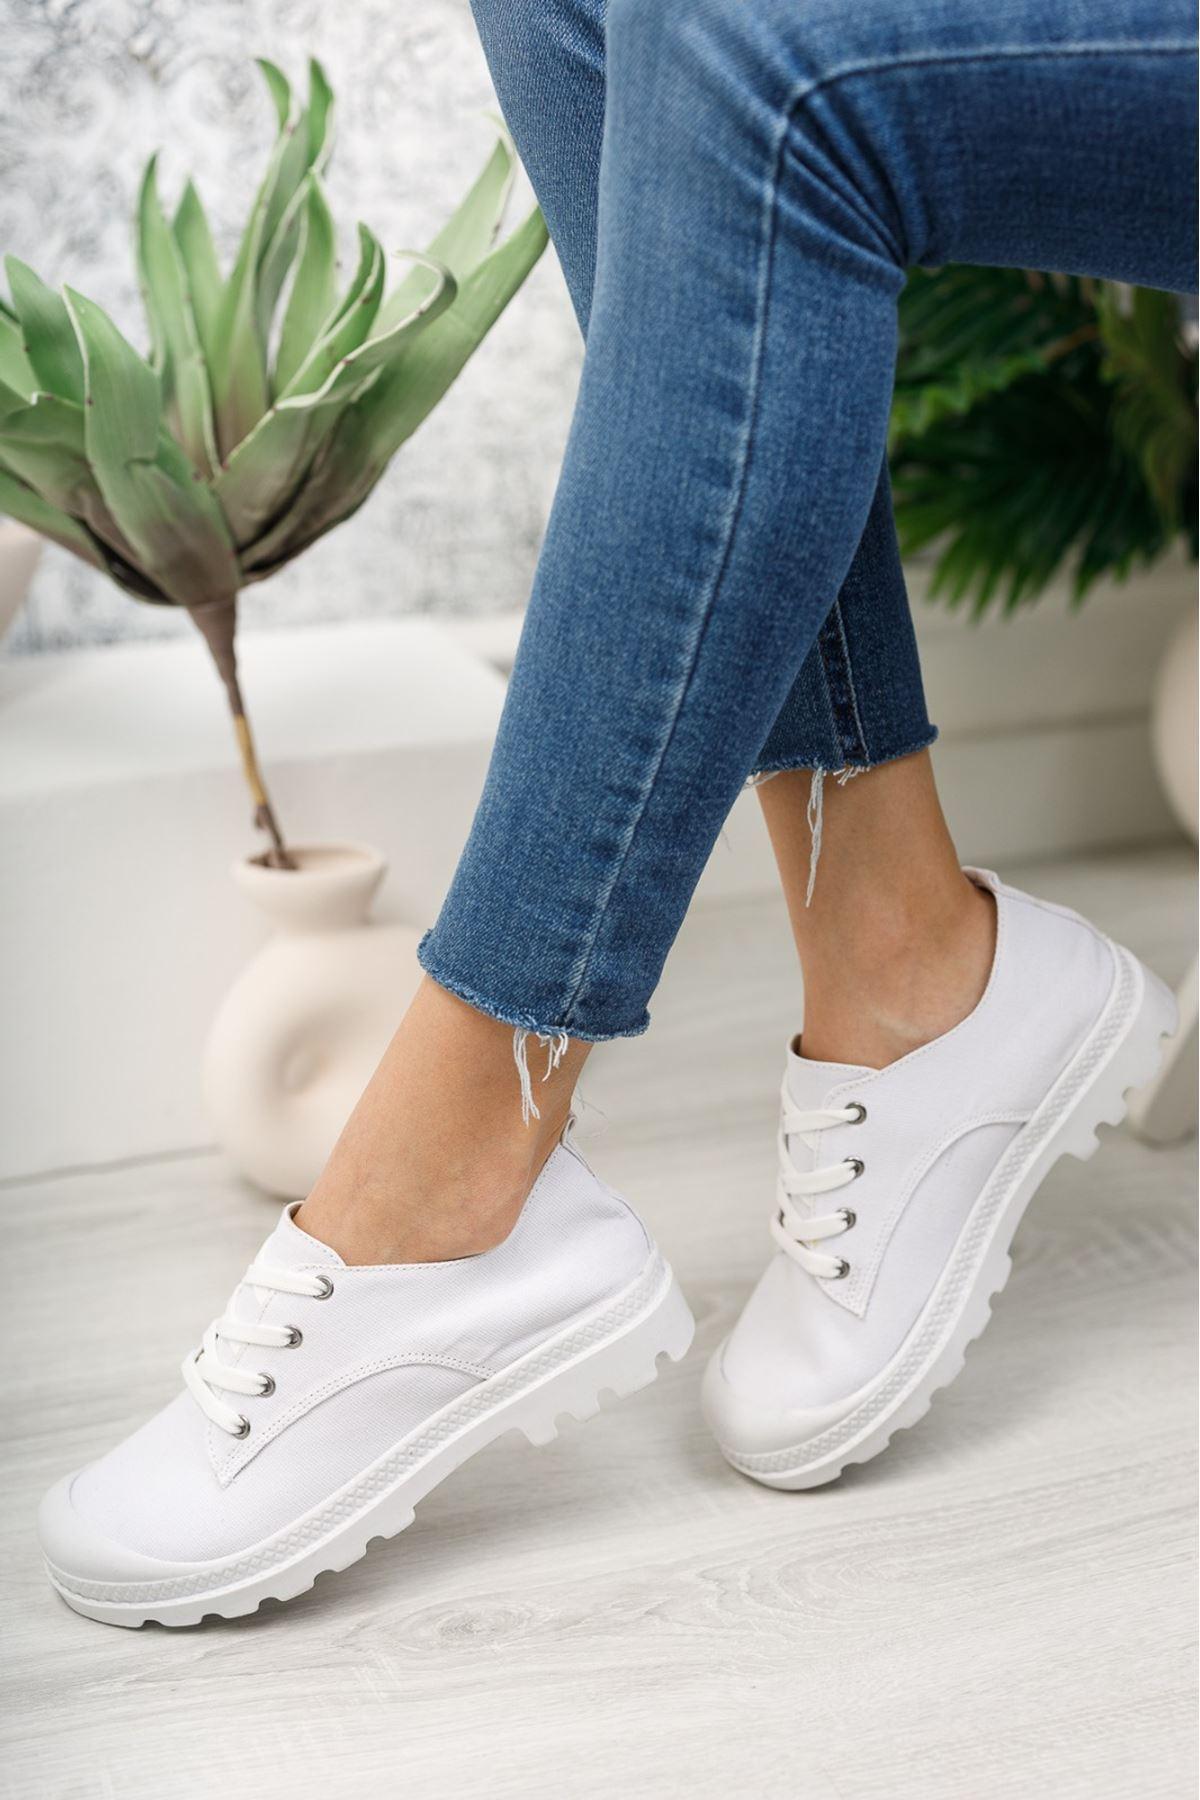 Pirina Beyaz Keten Bağcıklı Kadın Spor Ayakkabı